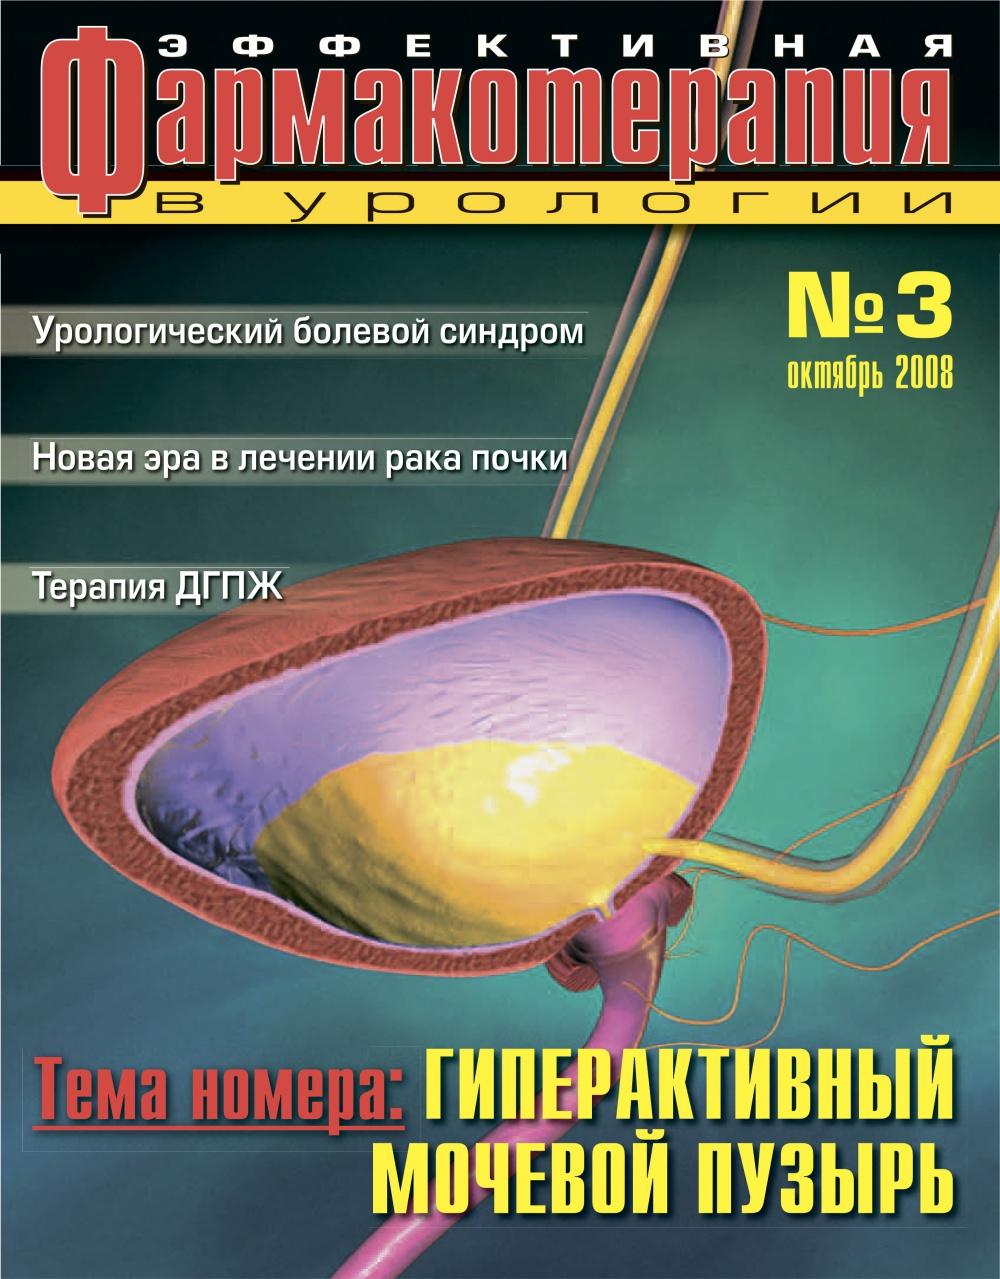 Эффективная фармакотерапия. Урология и нефрология. 3. 2008 uMEDp